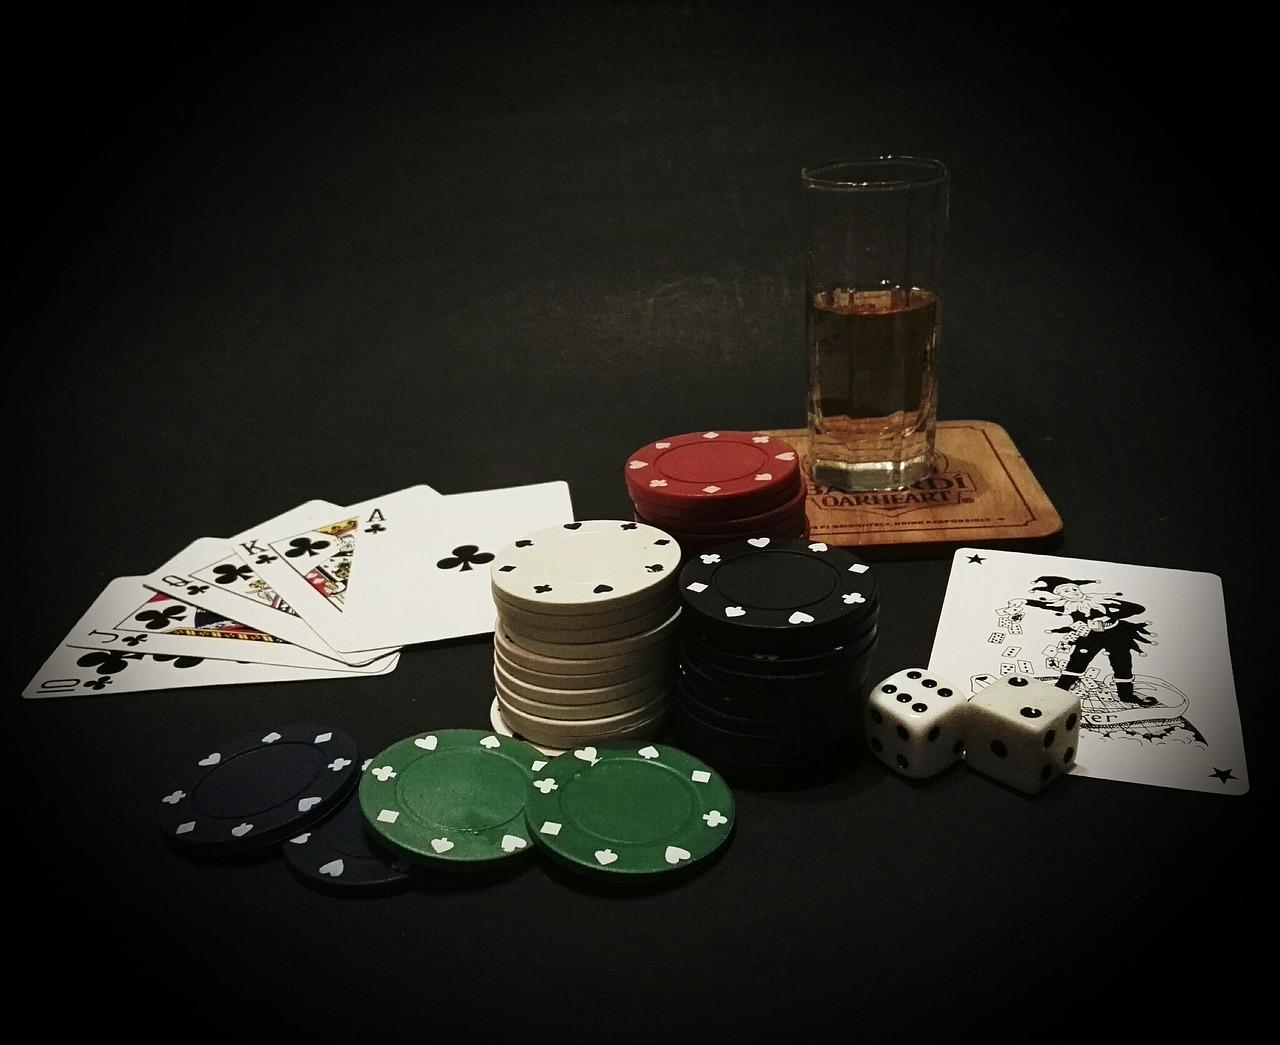 Schweiz: Razzia gegen illegale Glücksspiele und Sportwetten in Zug